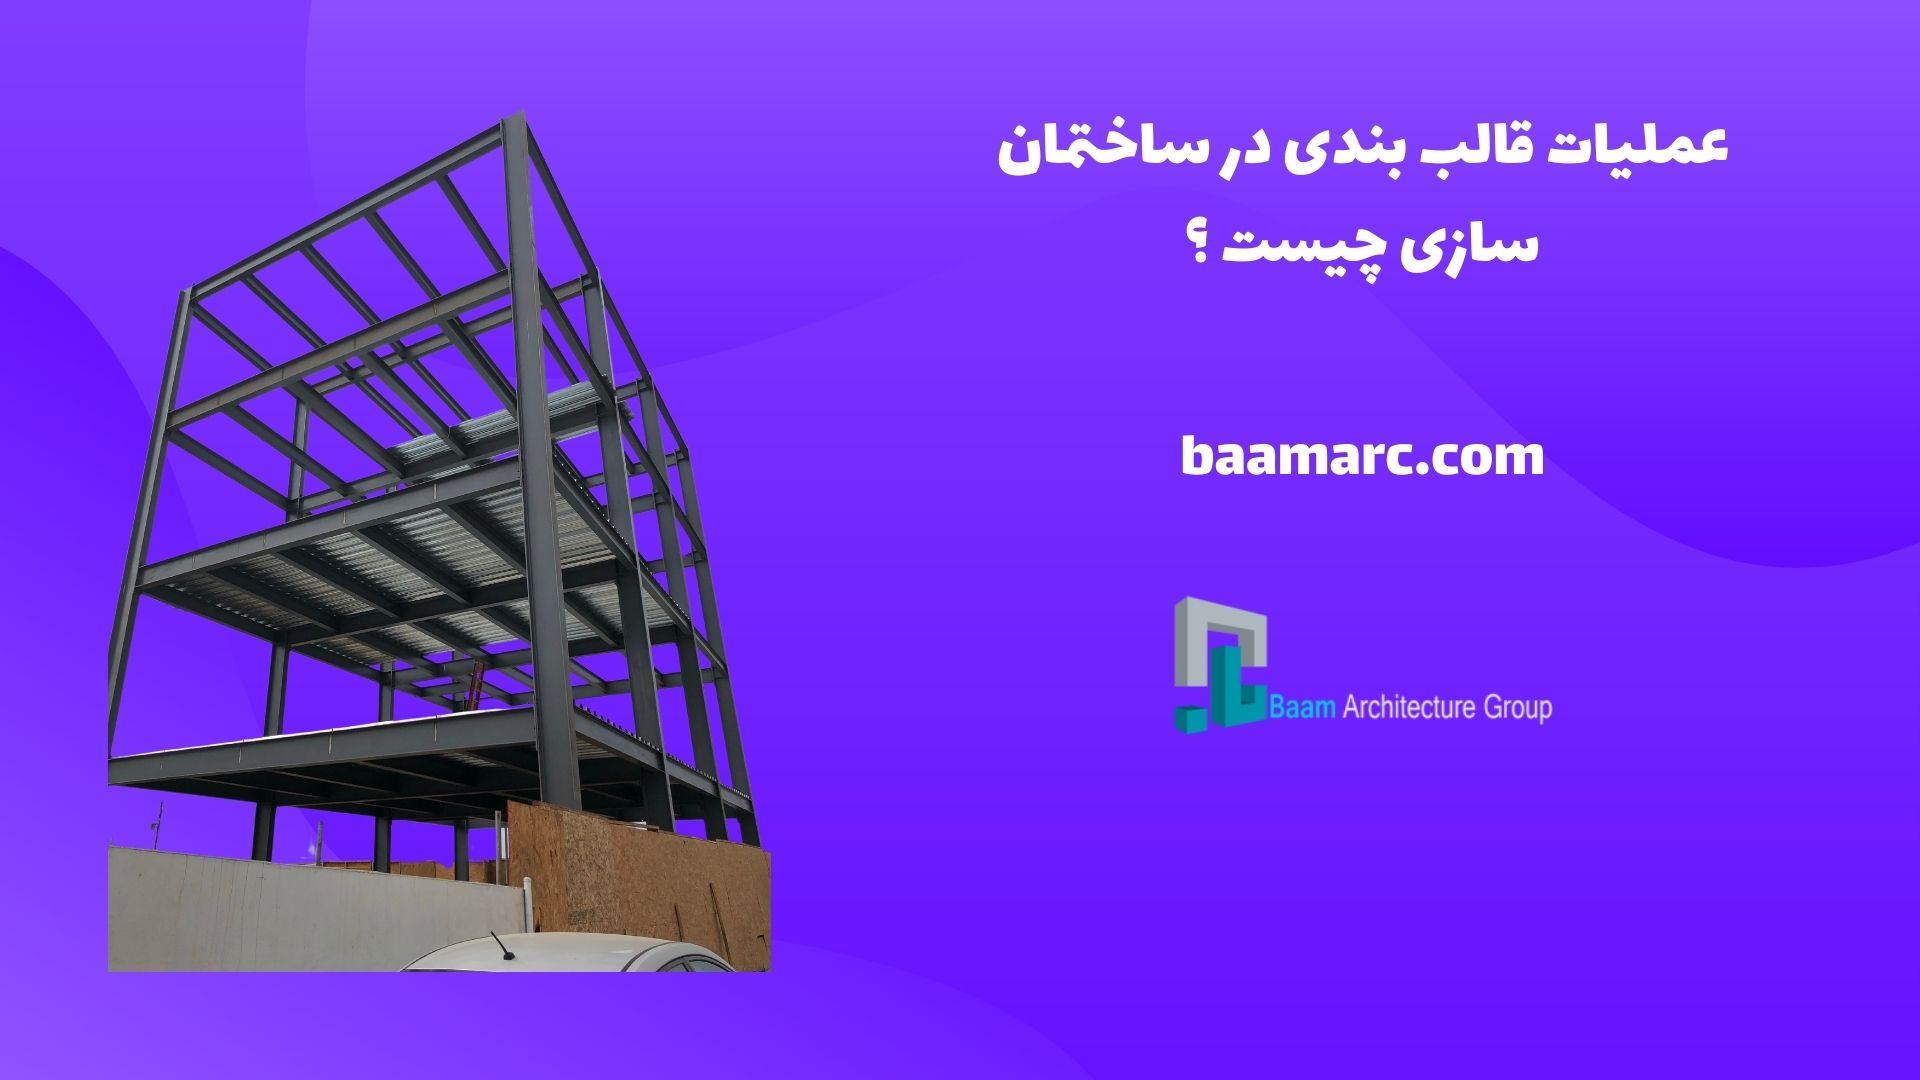 عملیات قالب بندی در ساختمان سازی چیست؟